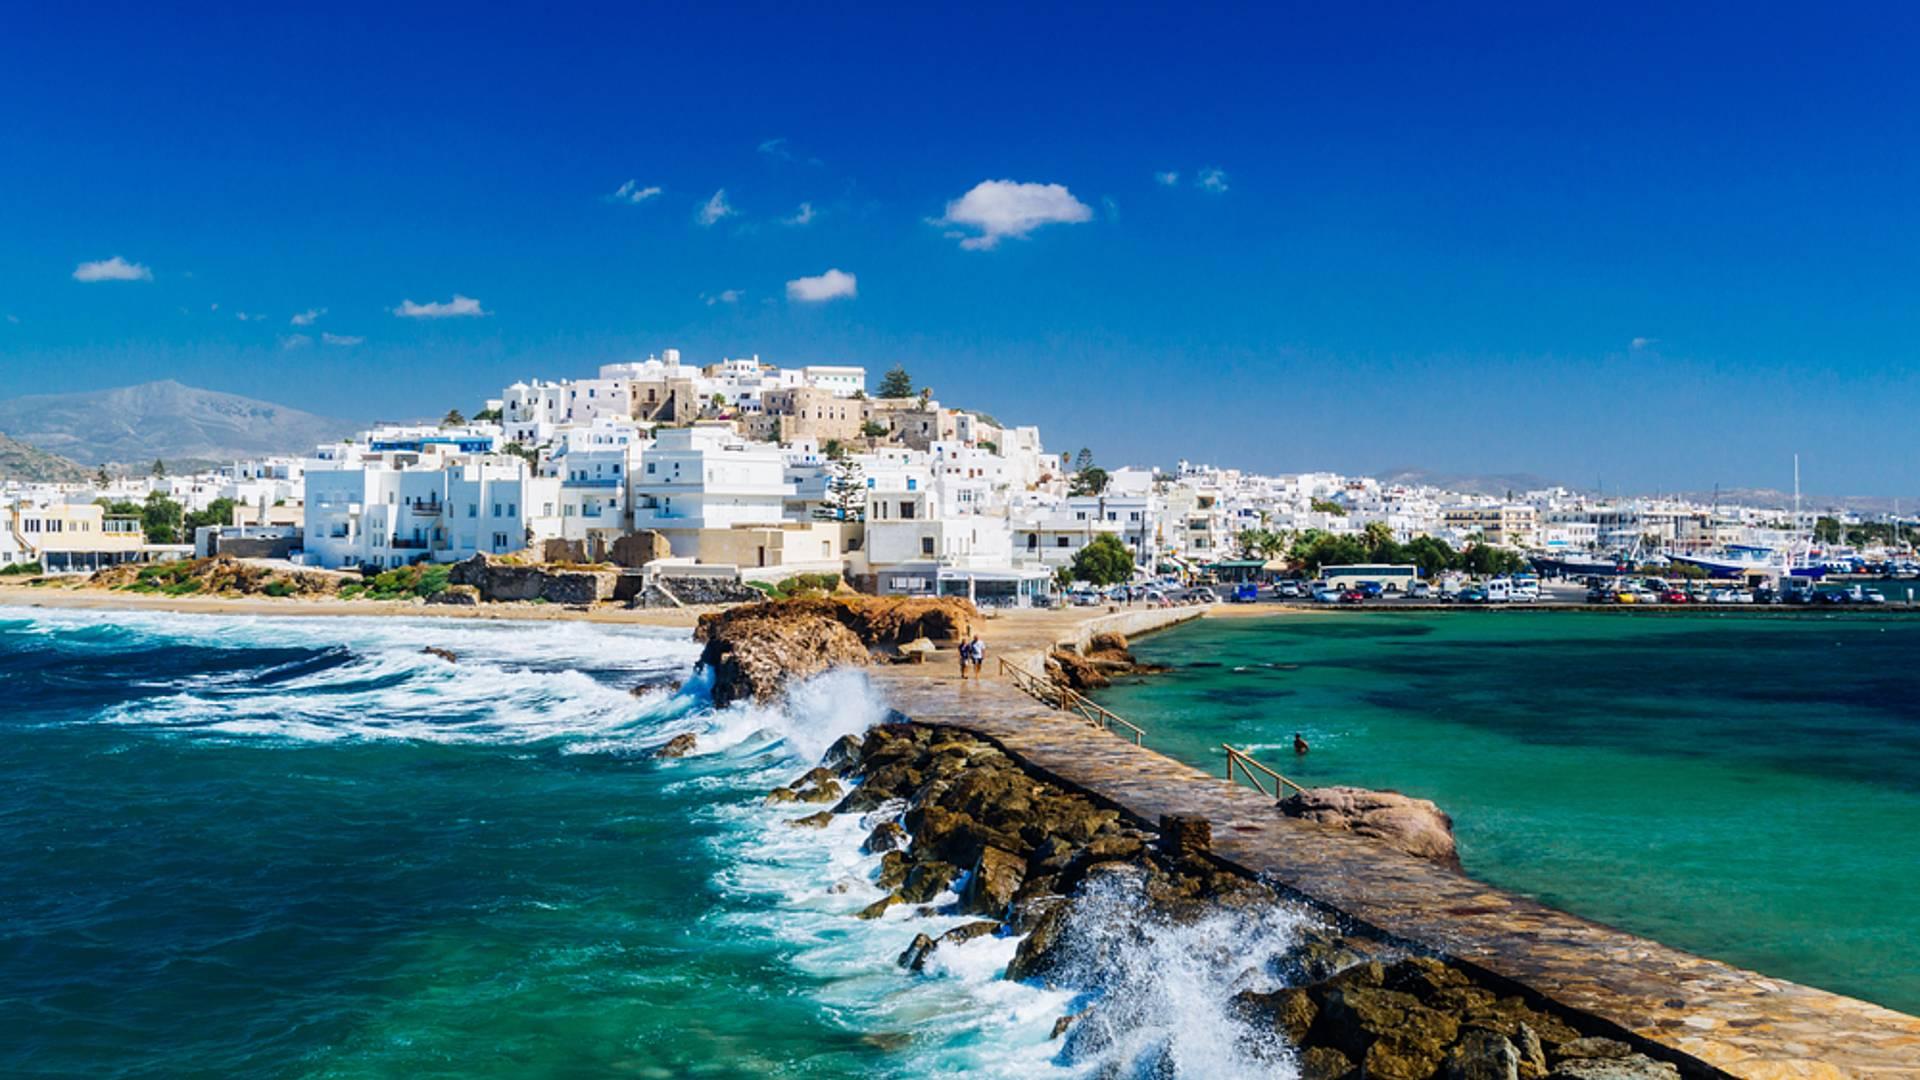 Mosaico de las Cícladas: Santorini, Paros, Naxos y Folegandros